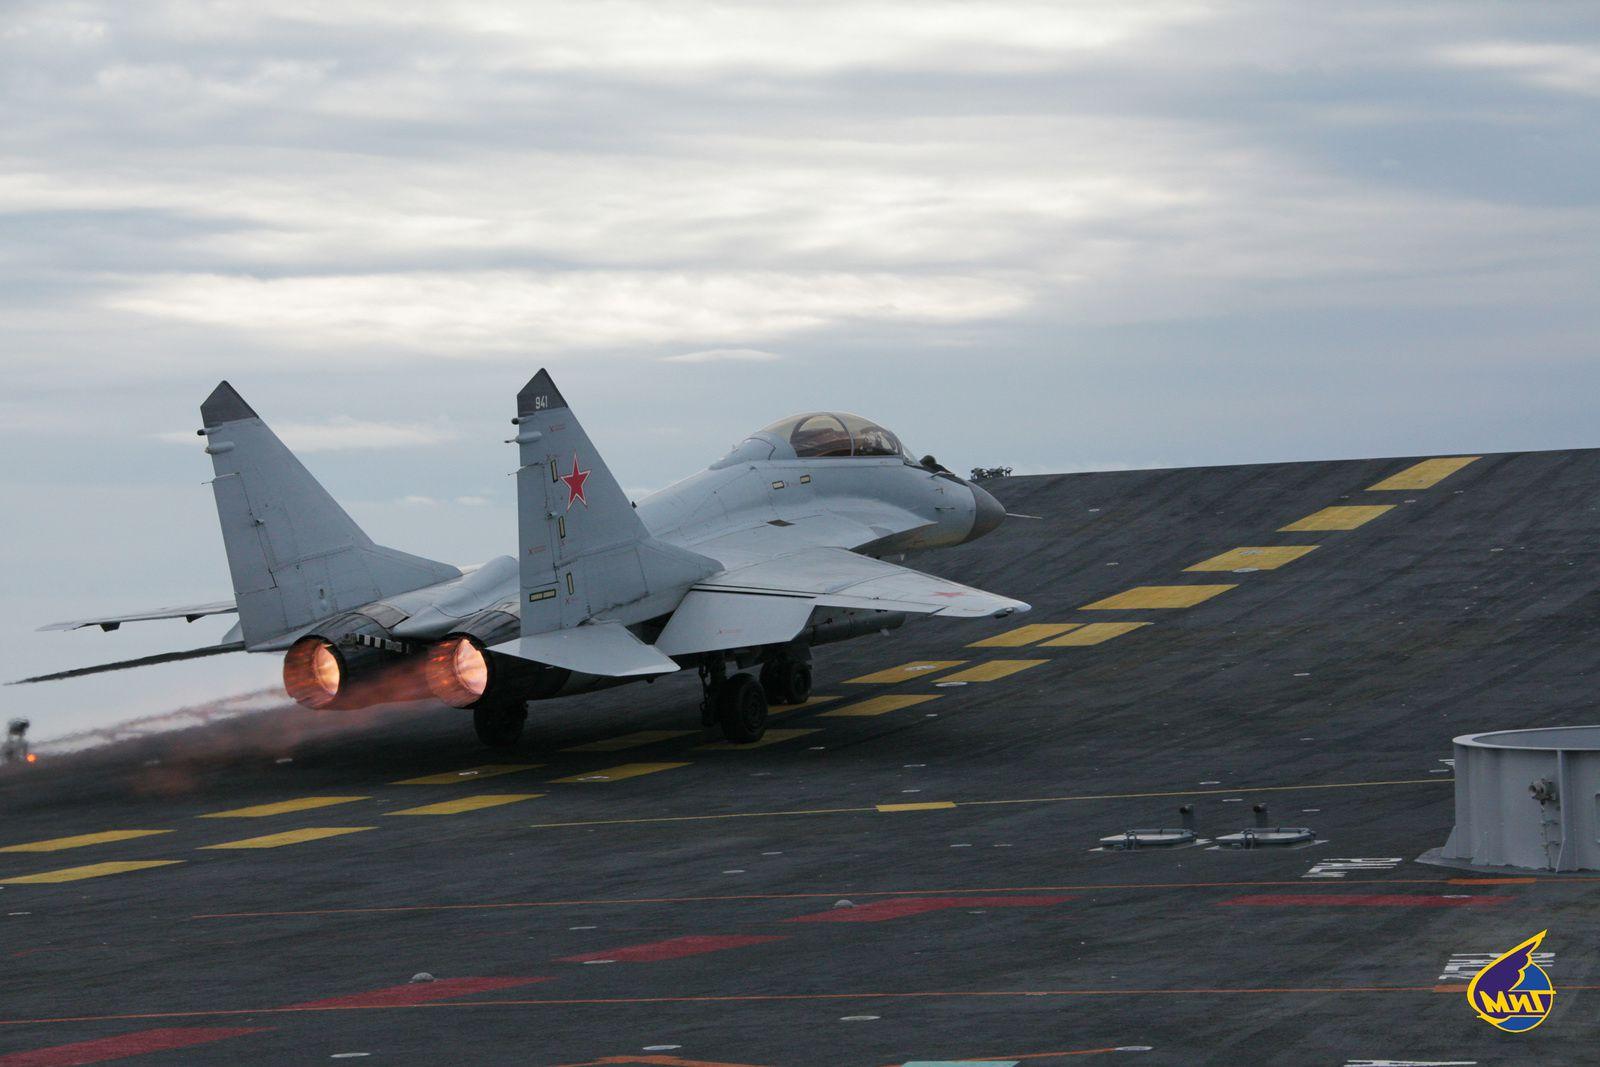 Un MIG-29KR/KUBR de la Marine Russe s'est écrasé en Méditerranée Orientale